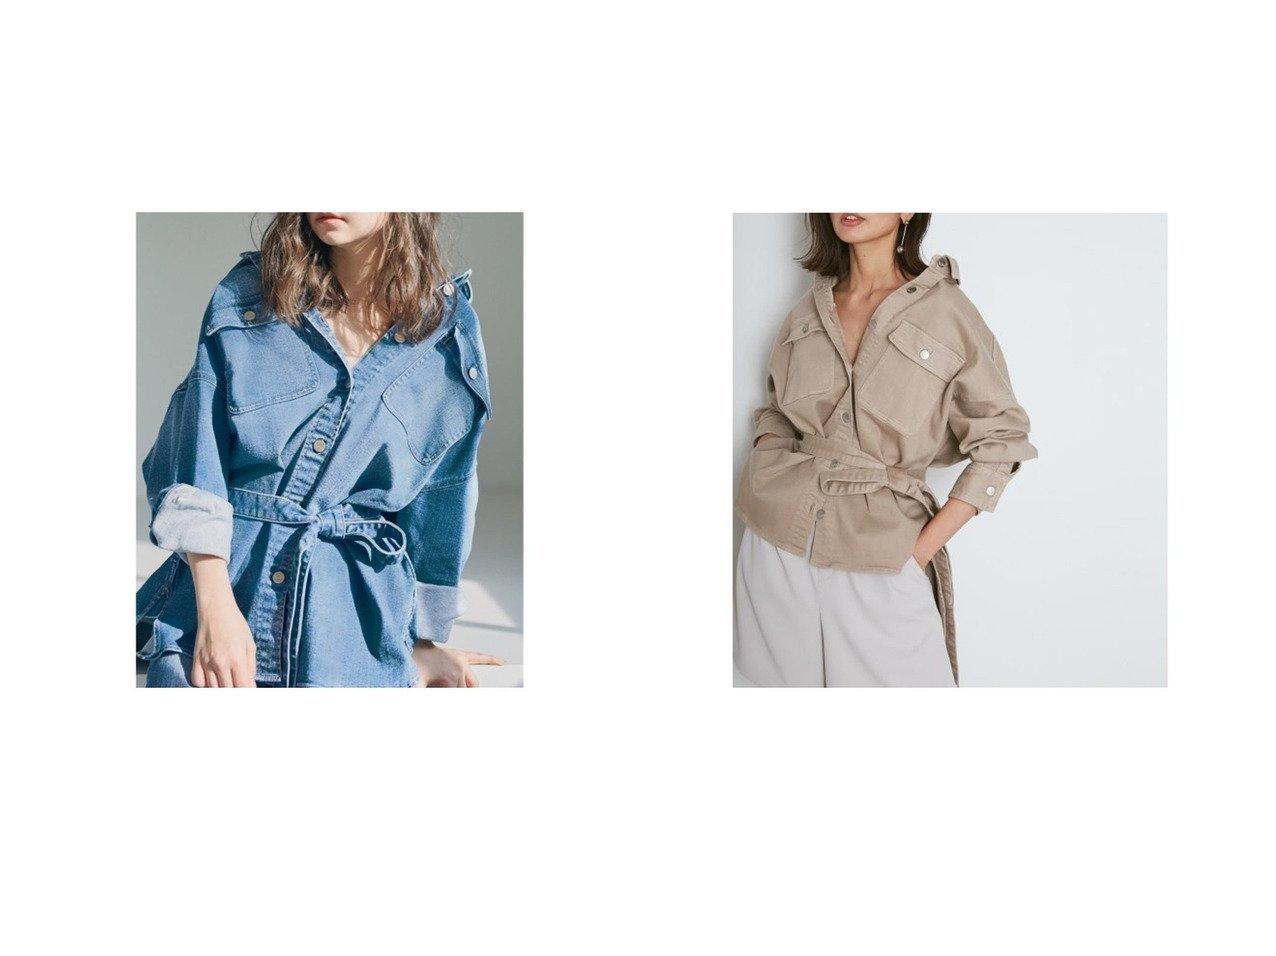 【SNIDEL/スナイデル】の【SNIDEL×Healthy DENIM】シャツジャケット アウターのおすすめ!人気、トレンド・レディースファッションの通販  おすすめで人気の流行・トレンド、ファッションの通販商品 メンズファッション・キッズファッション・インテリア・家具・レディースファッション・服の通販 founy(ファニー) https://founy.com/ ファッション Fashion レディースファッション WOMEN アウター Coat Outerwear ジャケット Jackets 春 Spring ショルダー ジャケット ストレッチ スマート デニム ドロップ ビッグ 羽織 ミニスカート 2021年 2021 S/S 春夏 SS Spring/Summer 2021 春夏 S/S SS Spring/Summer 2021 おすすめ Recommend  ID:crp329100000024380